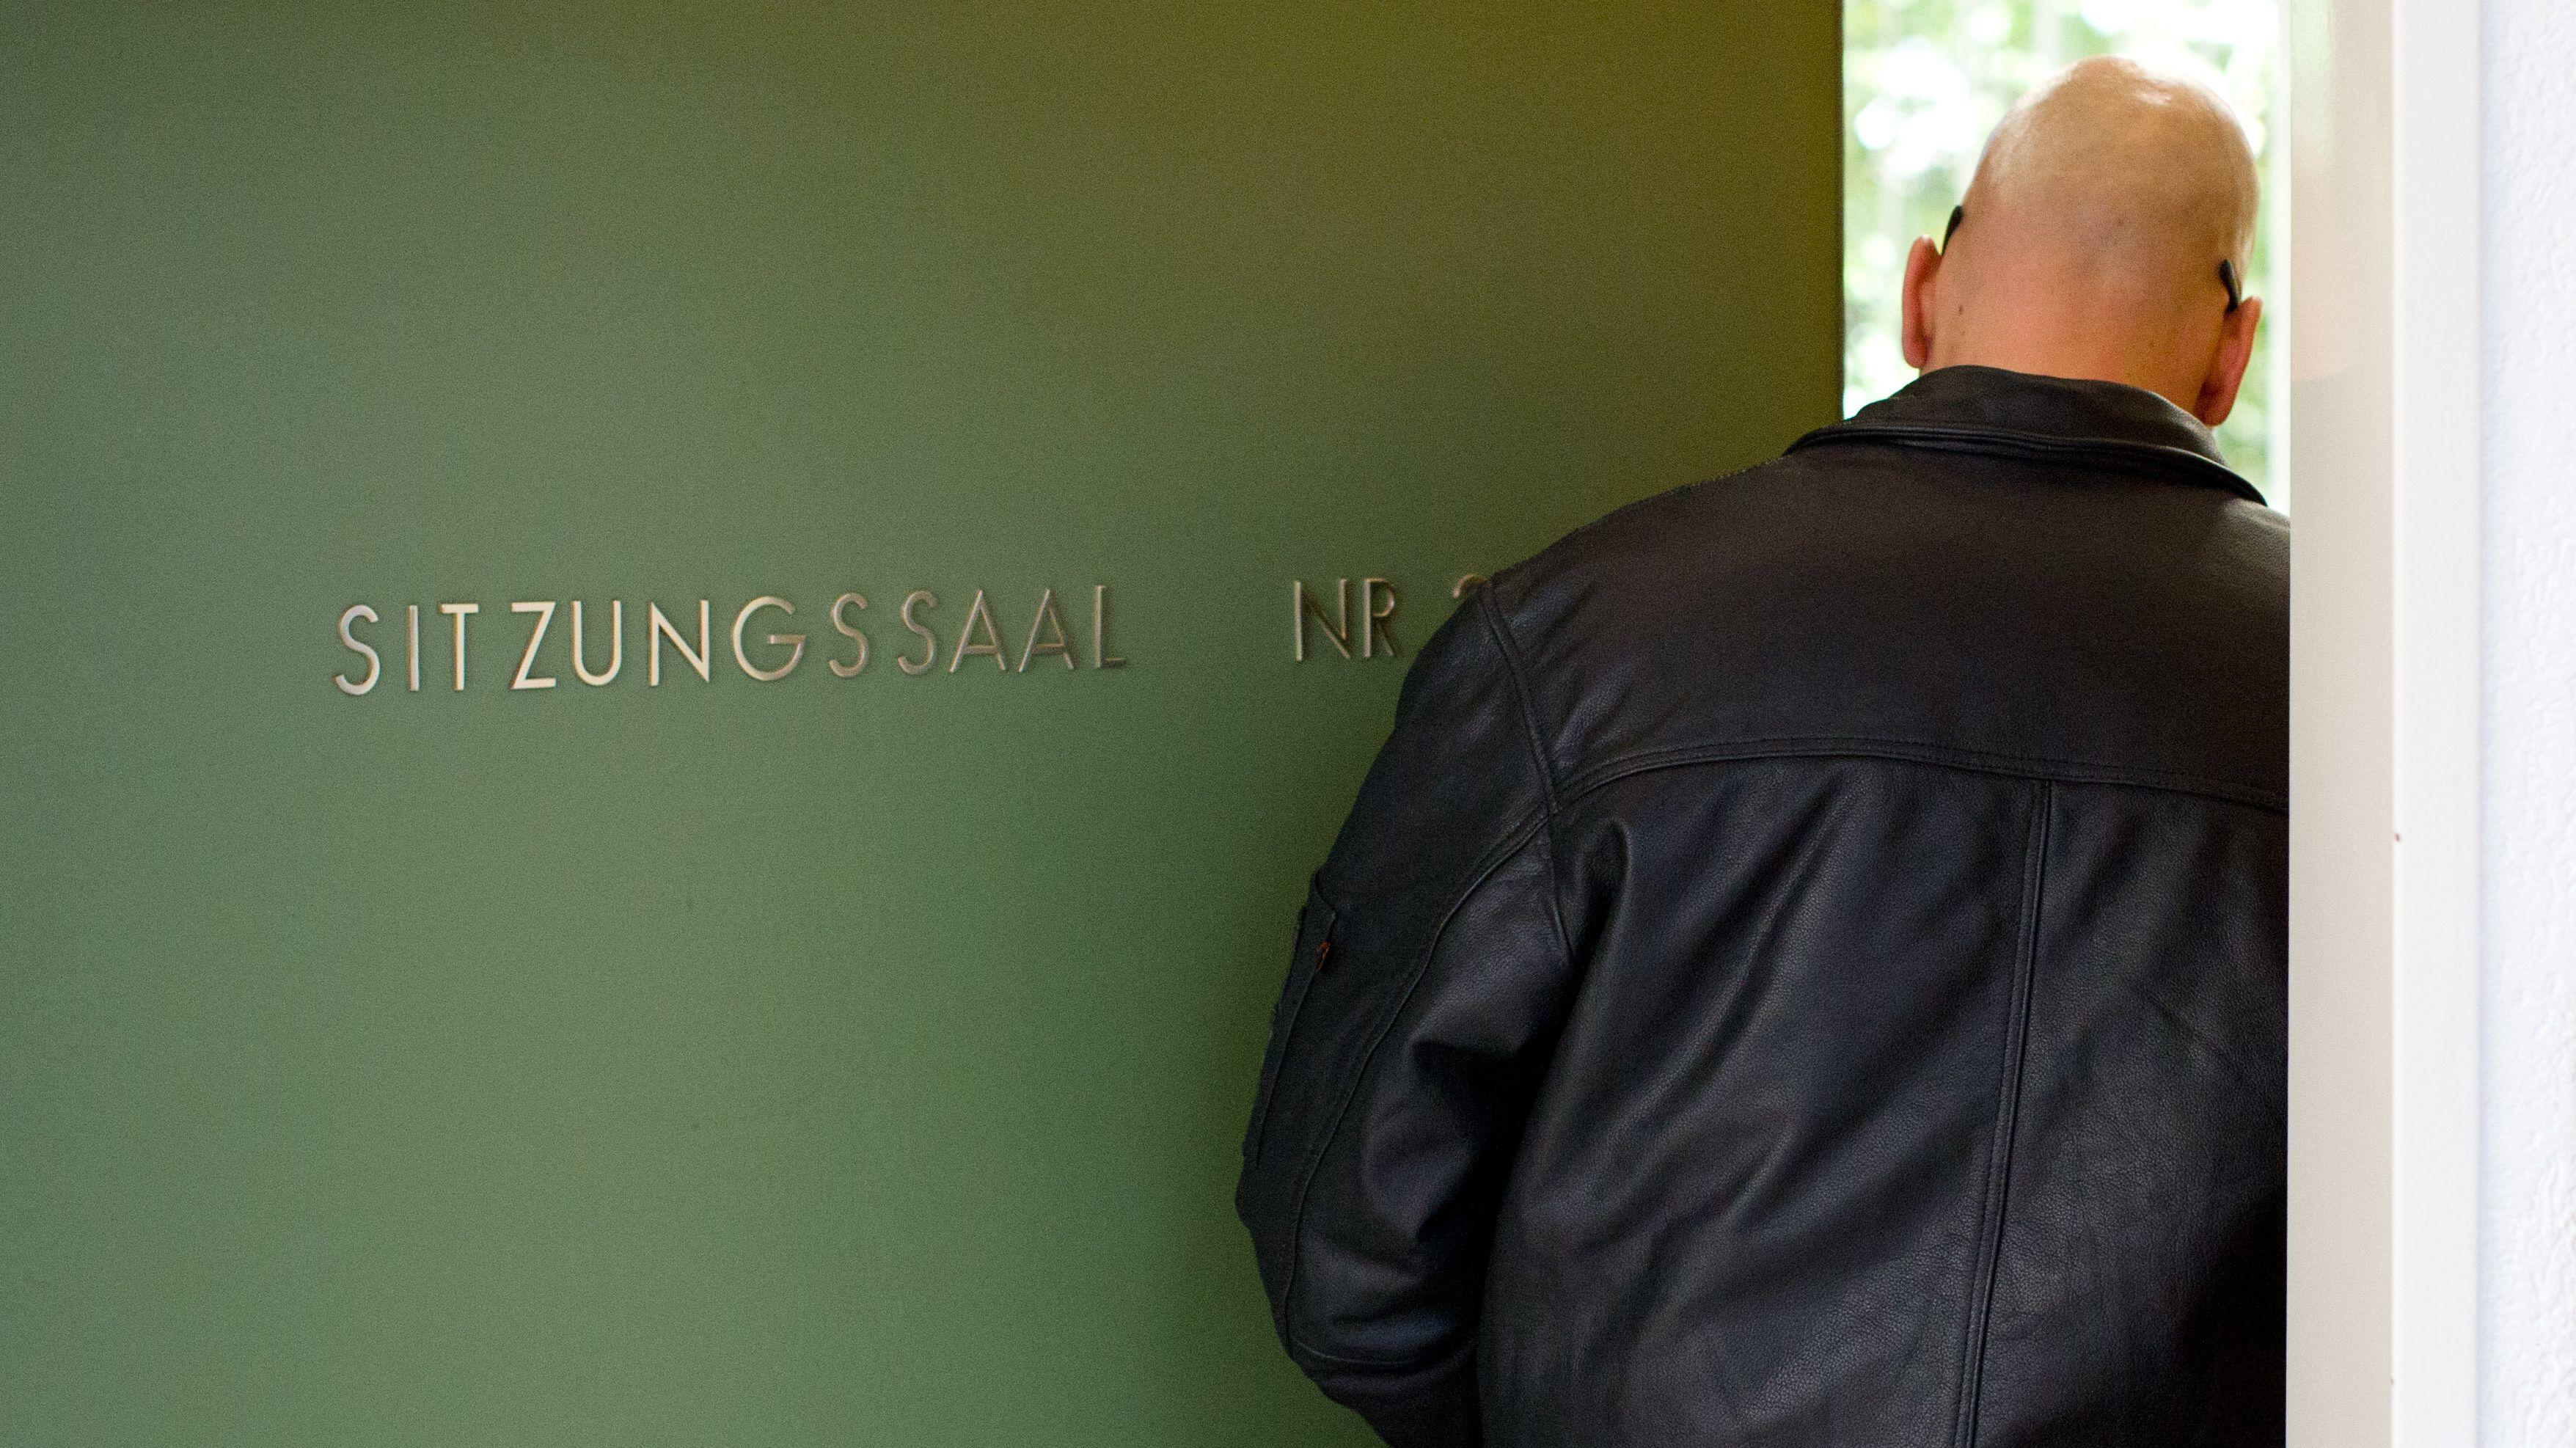 Verurteilt wegen Volksverhetzung: Der Sänger einer rechtsextremen Band am 15.10.2012 im Amtsgericht Meppen